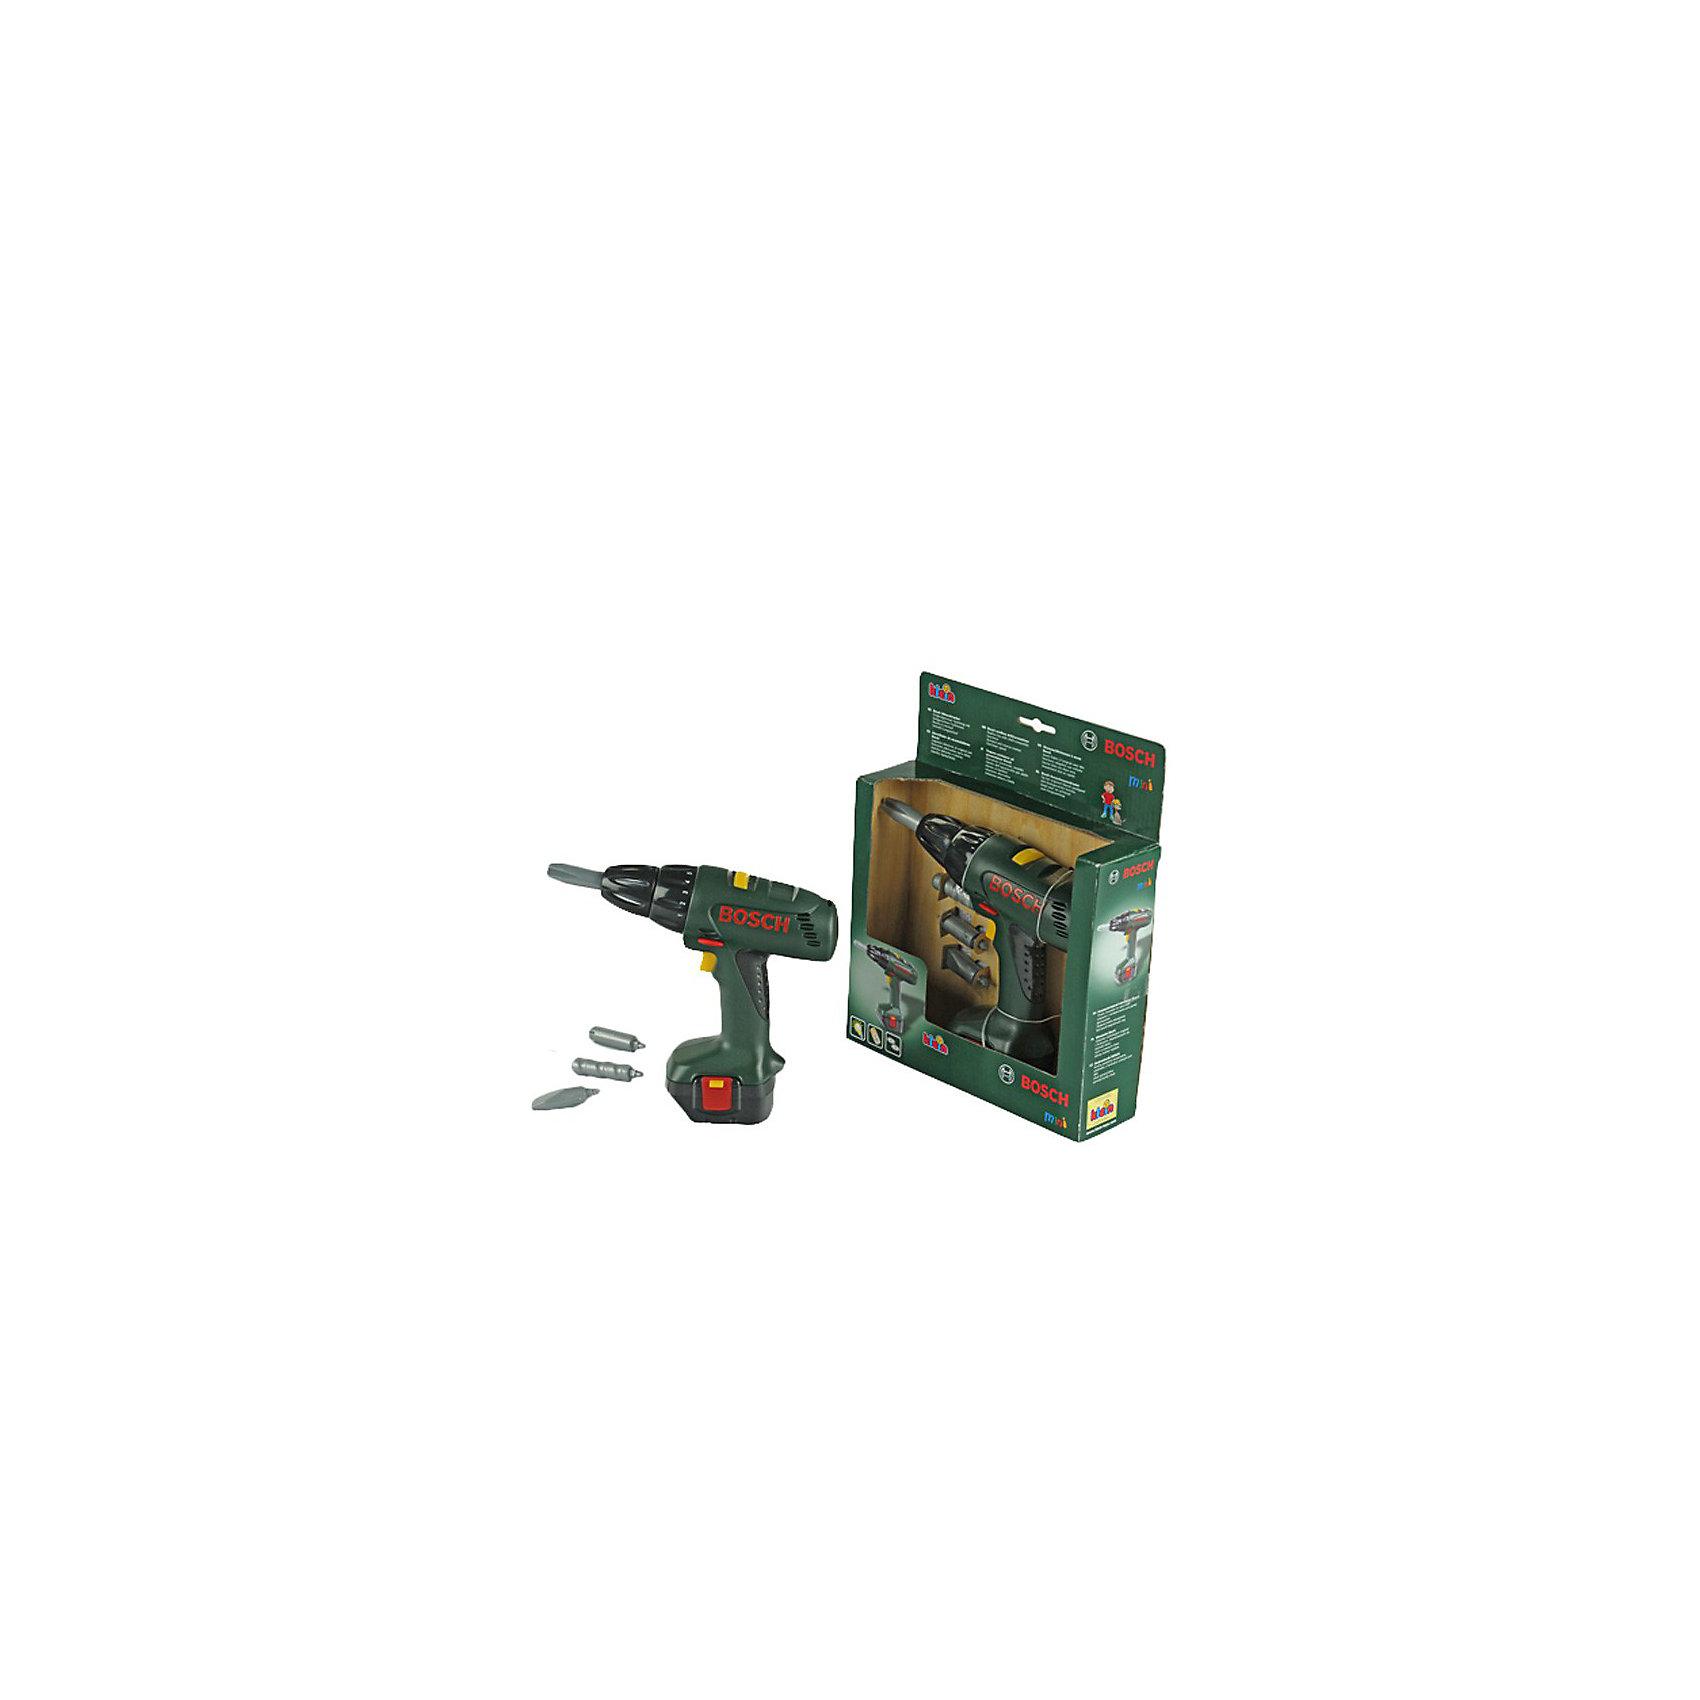 Игрушечный шуроповерт Bosch с насадками, Klein